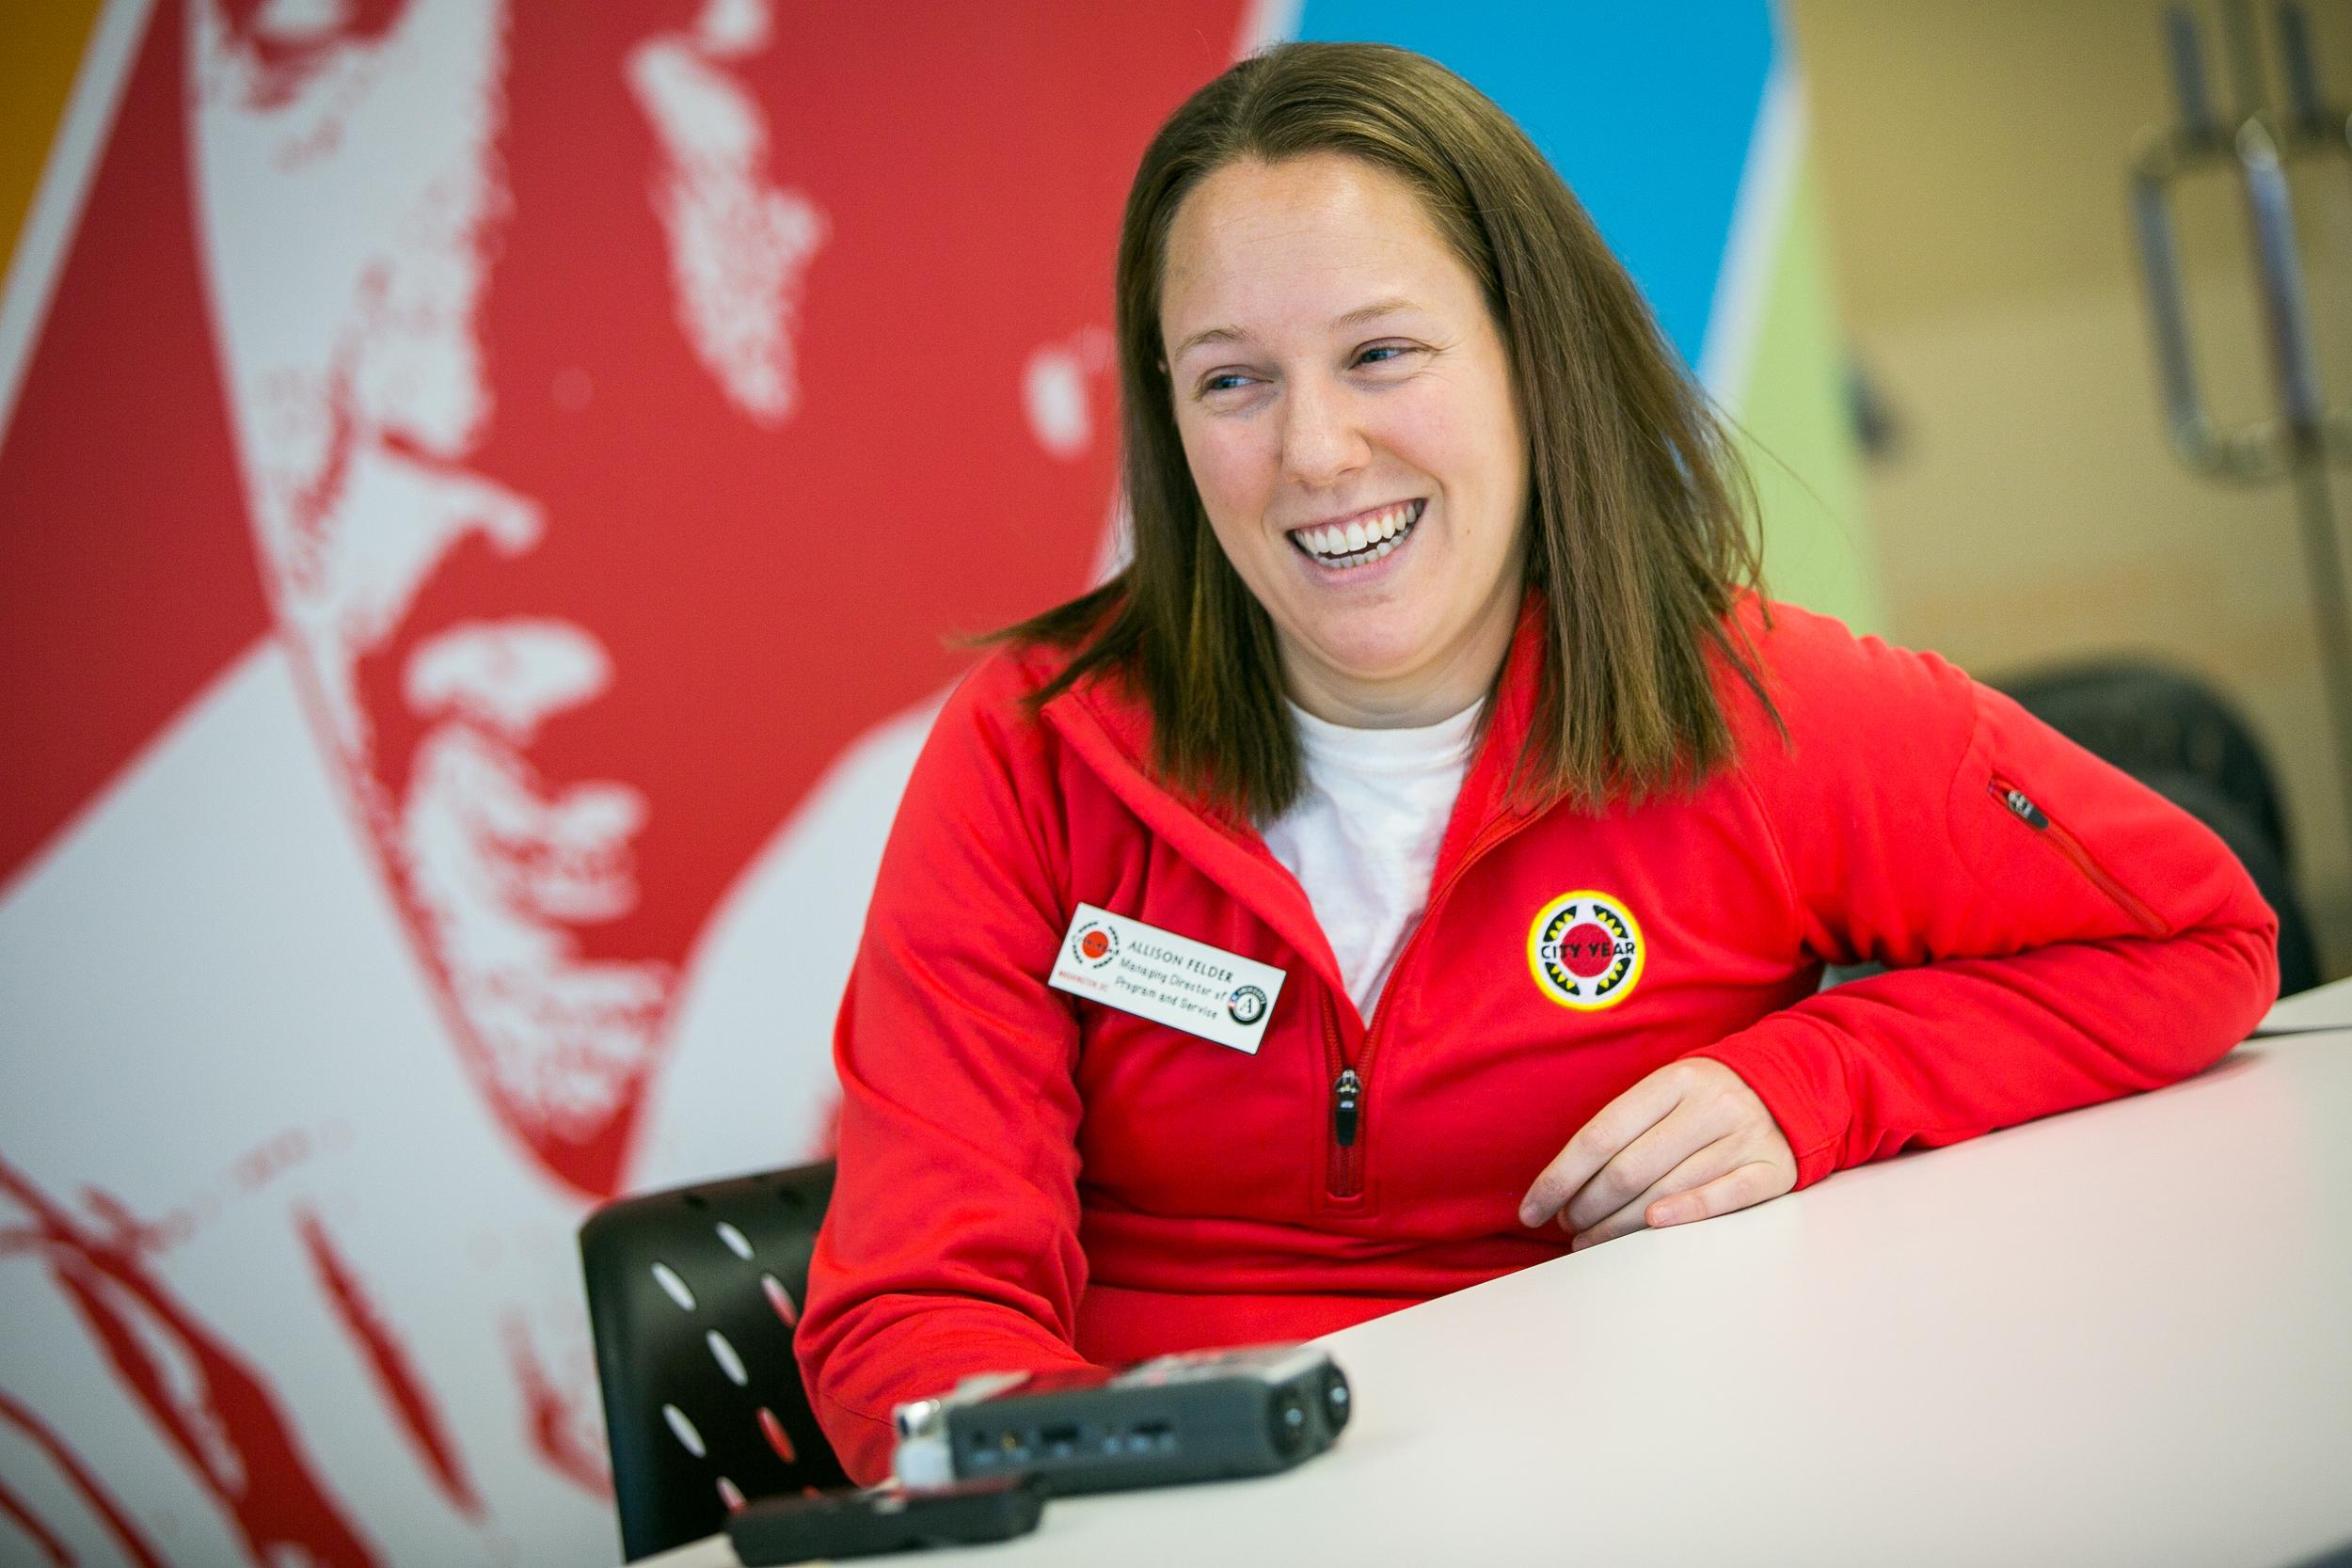 Allison Felder